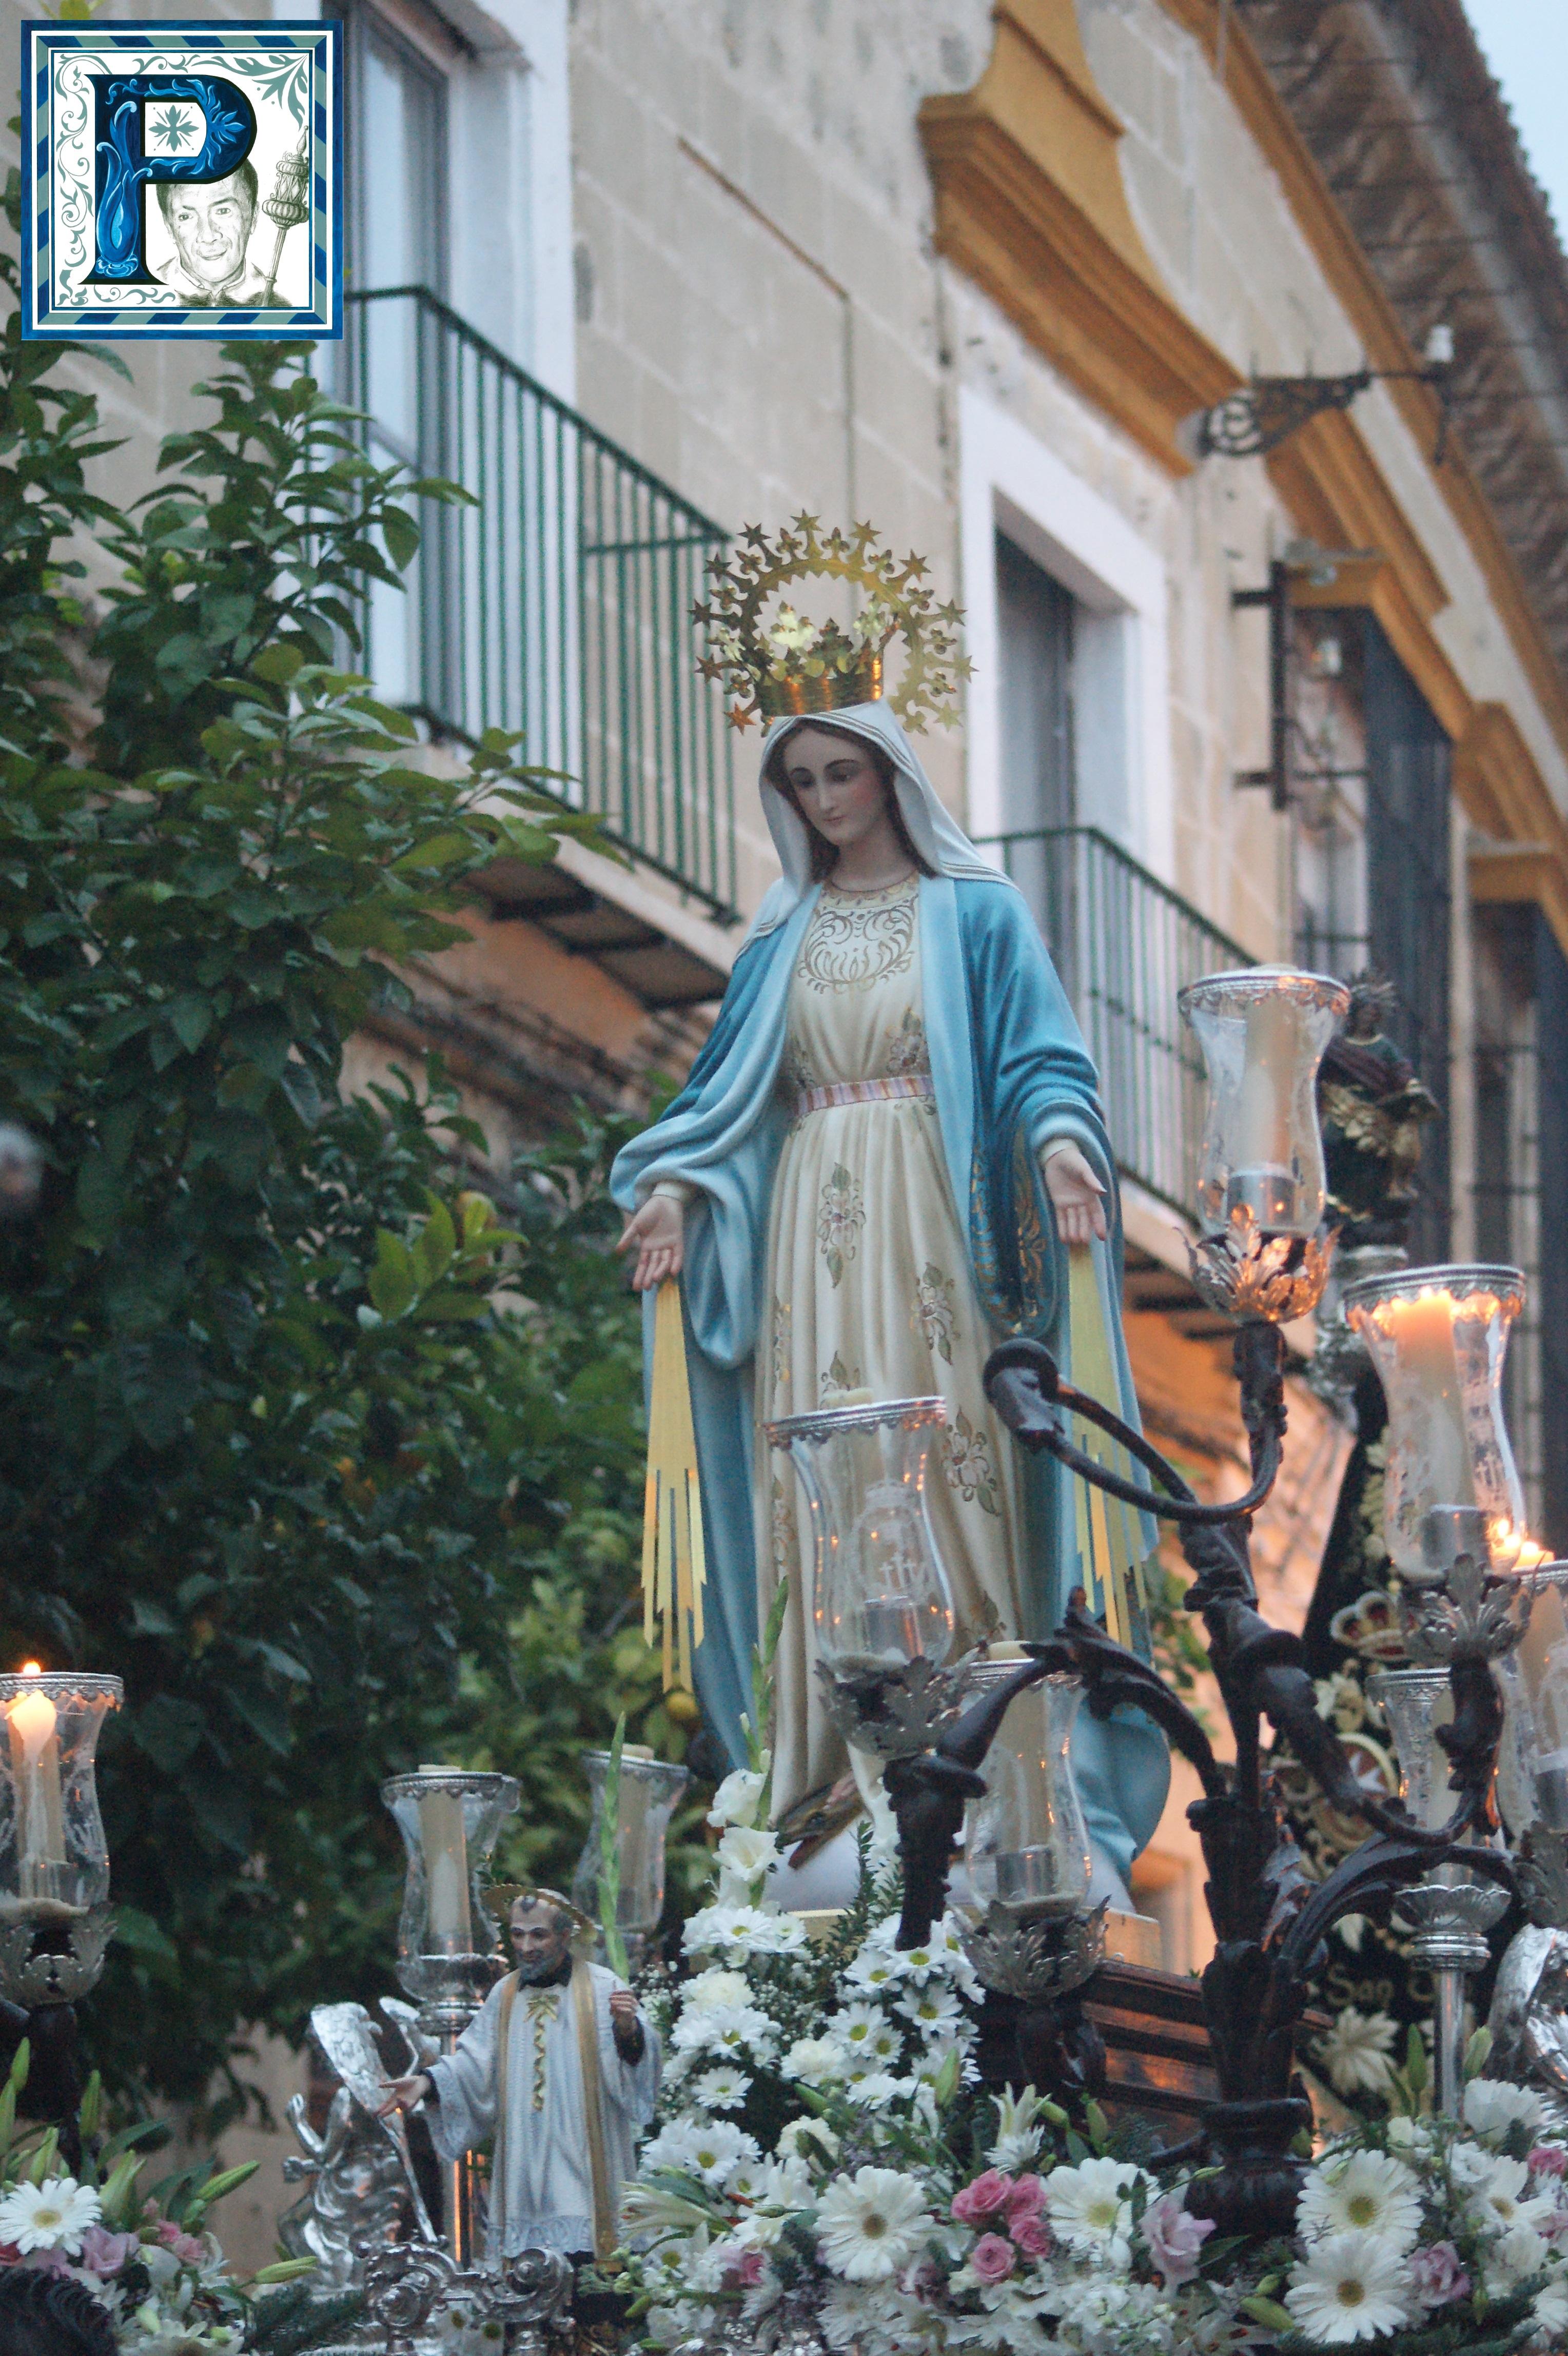 La Virgen Milagrosa recorre hoy las calles de nuestra ciudad